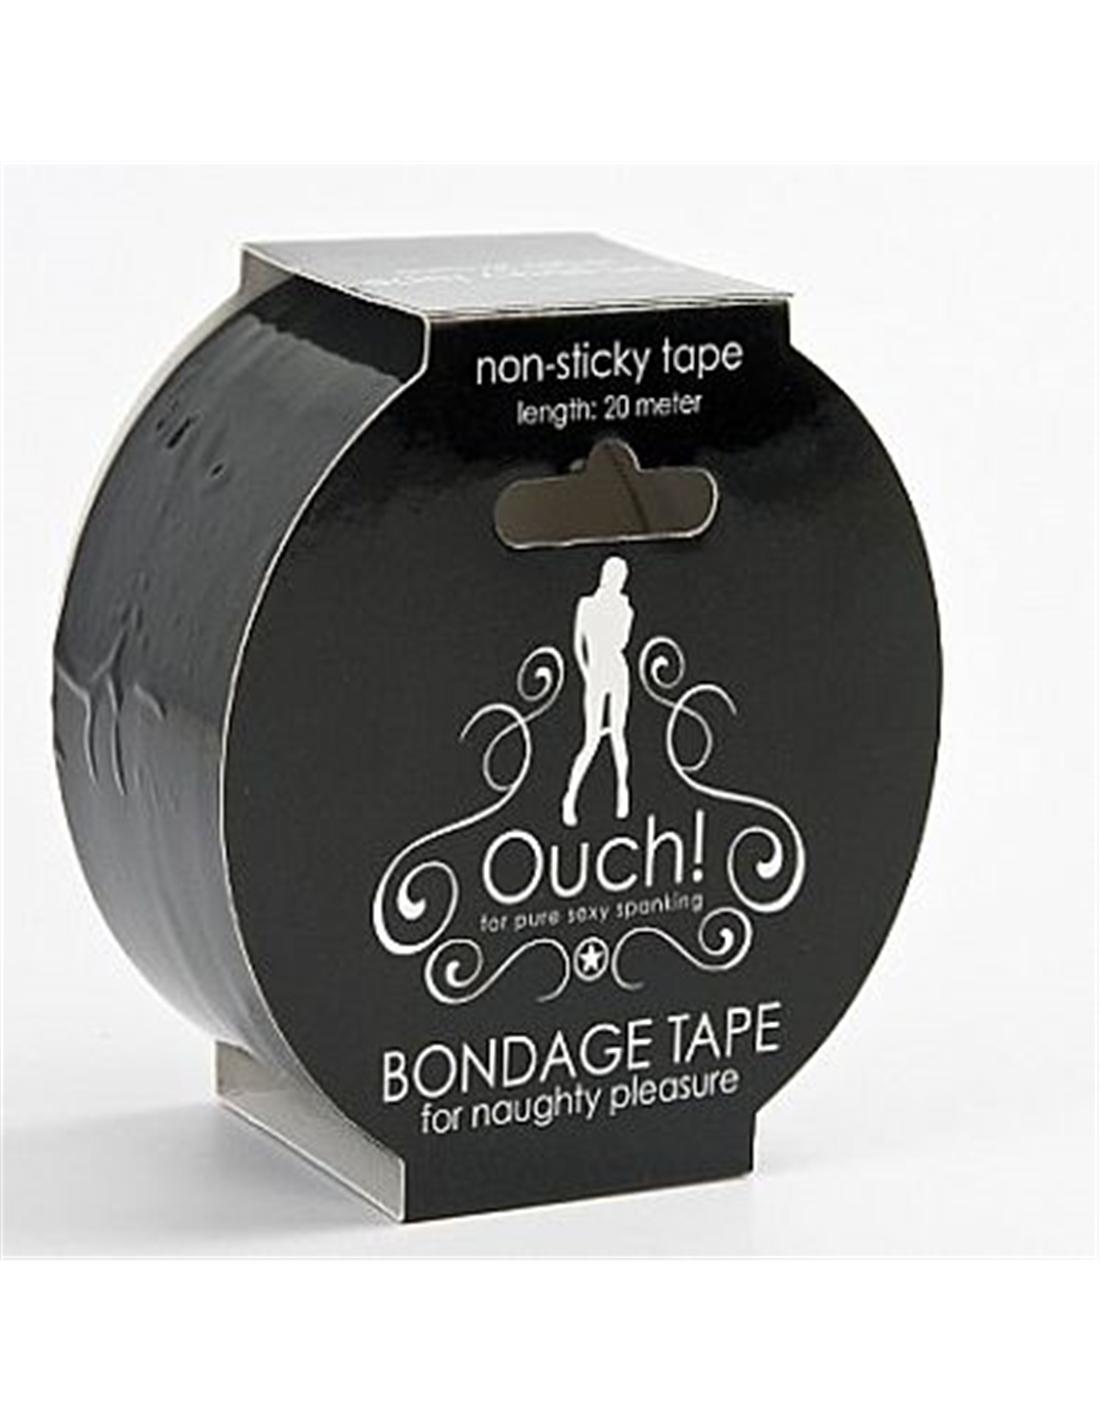 Fita Ouch! Bondage Tape Preta - PR2010303459